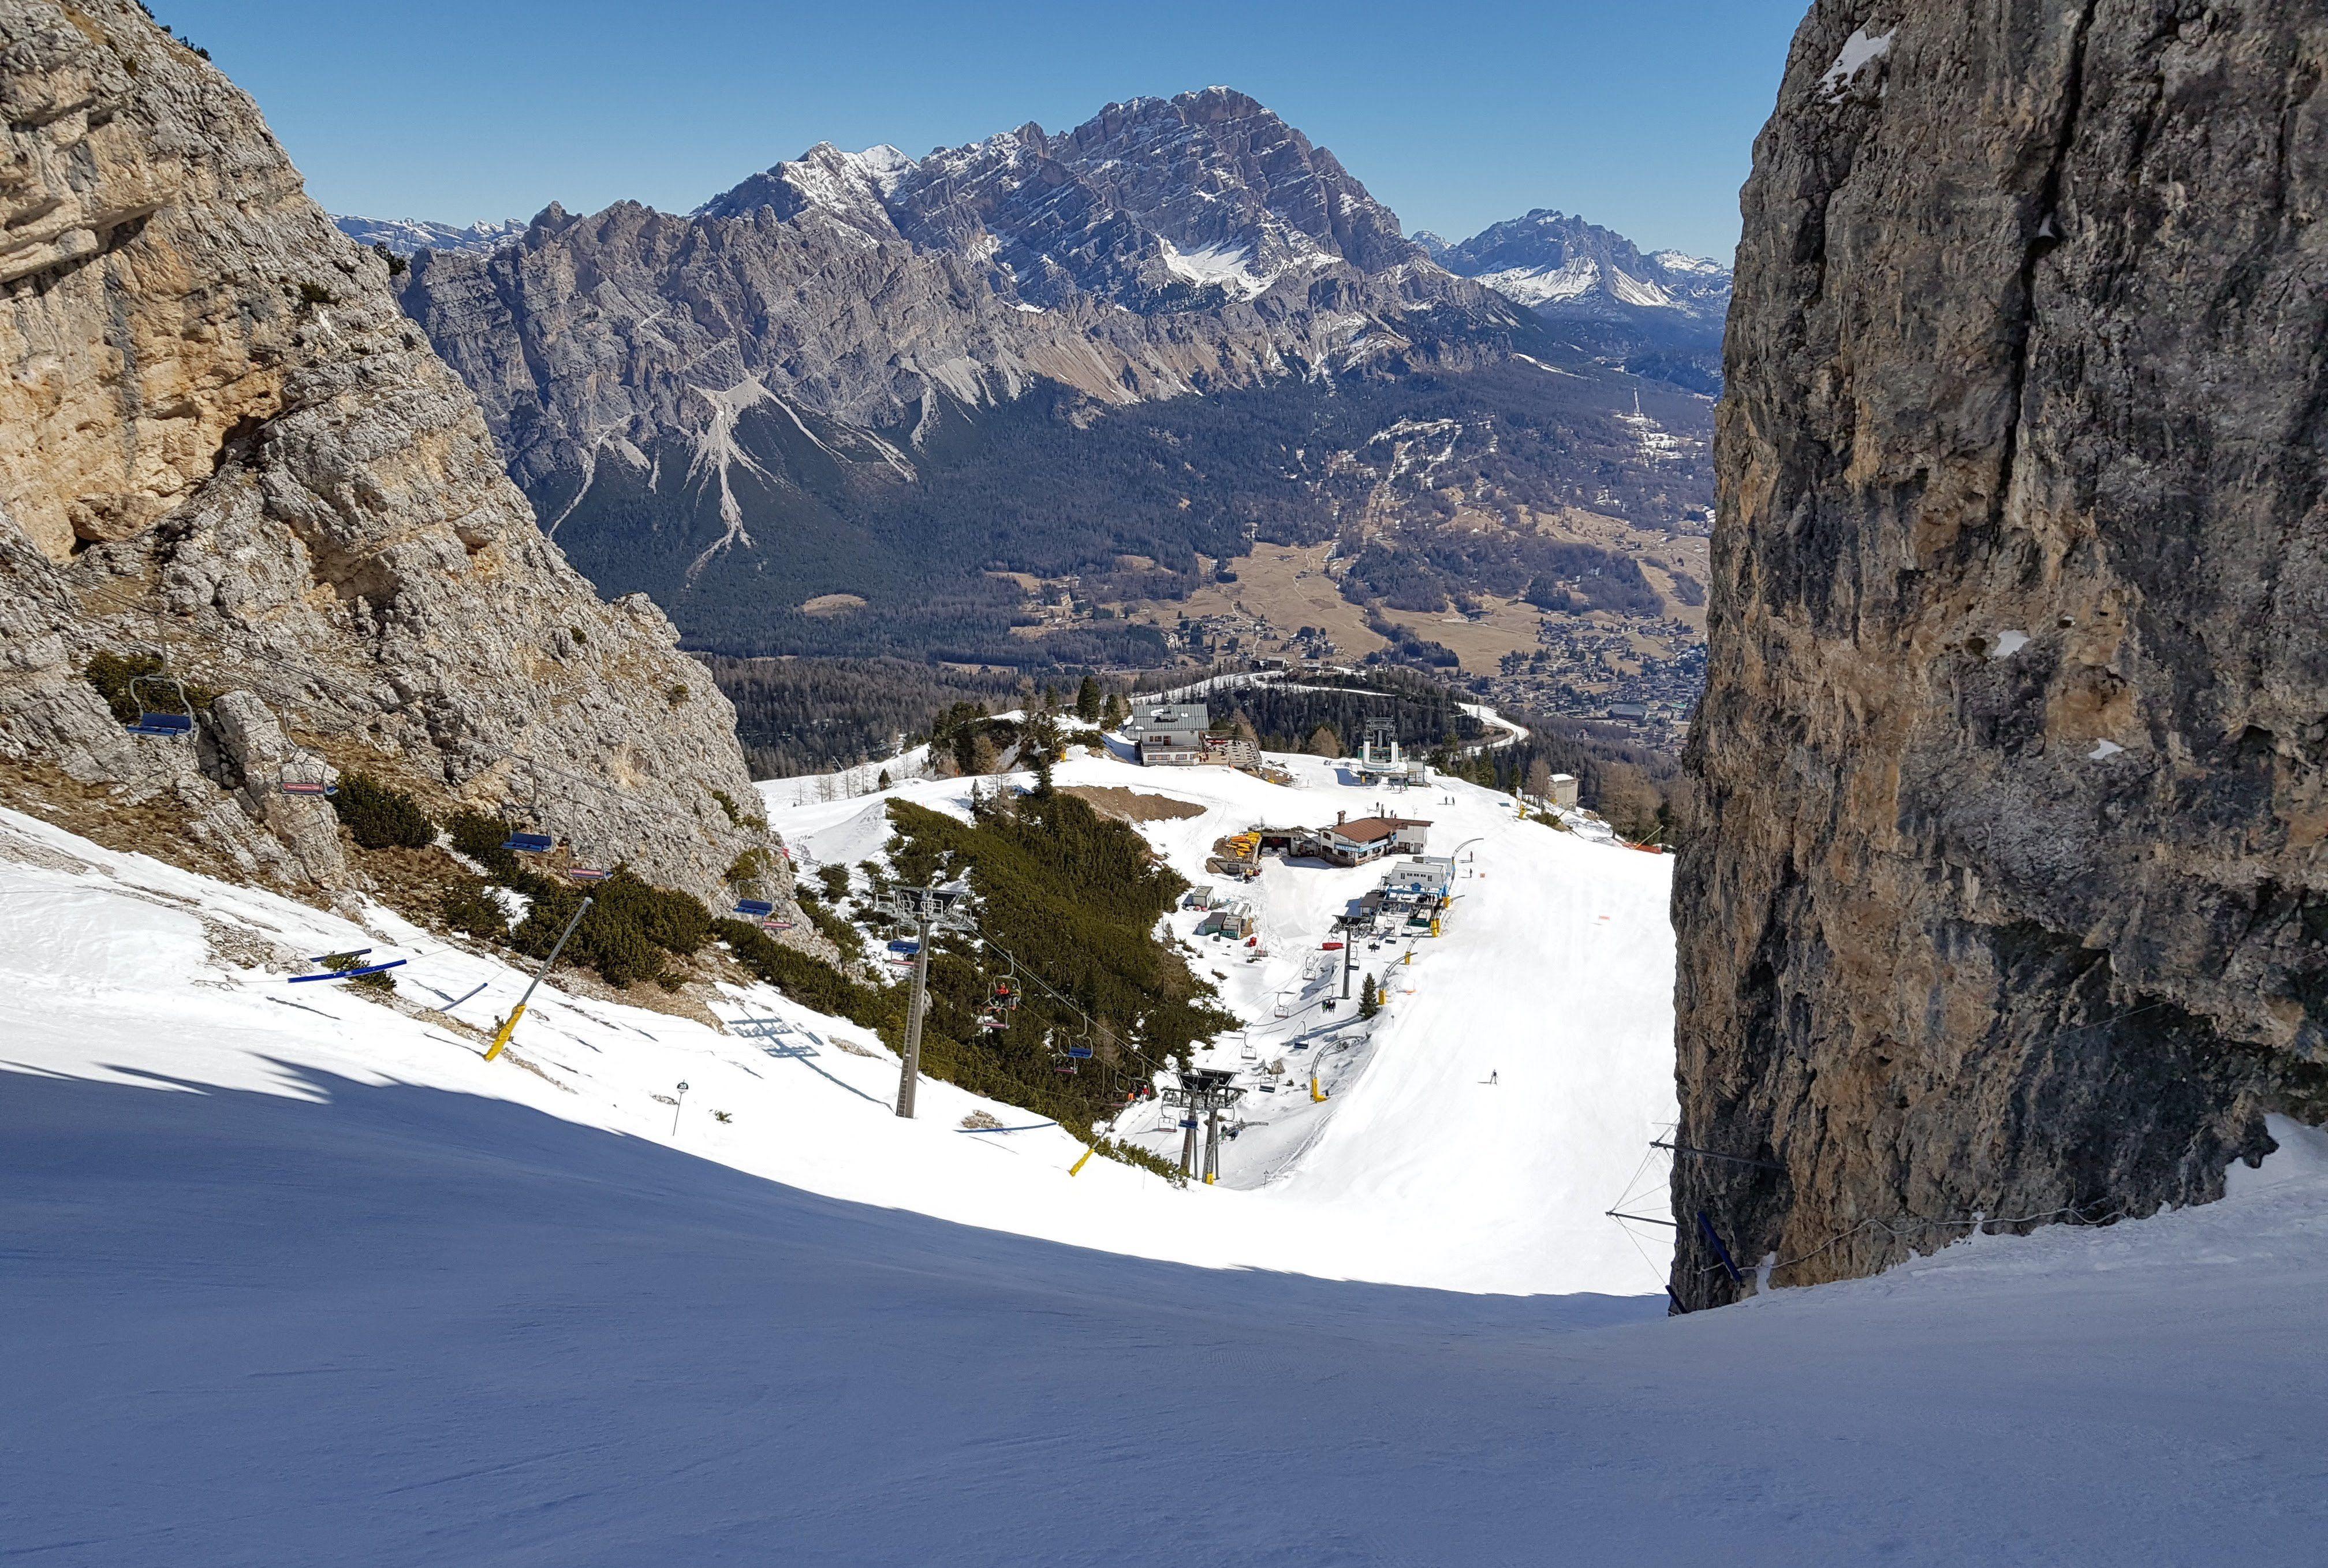 Wordt Cortina d'Ampezzo weer het mekka van de skisport?